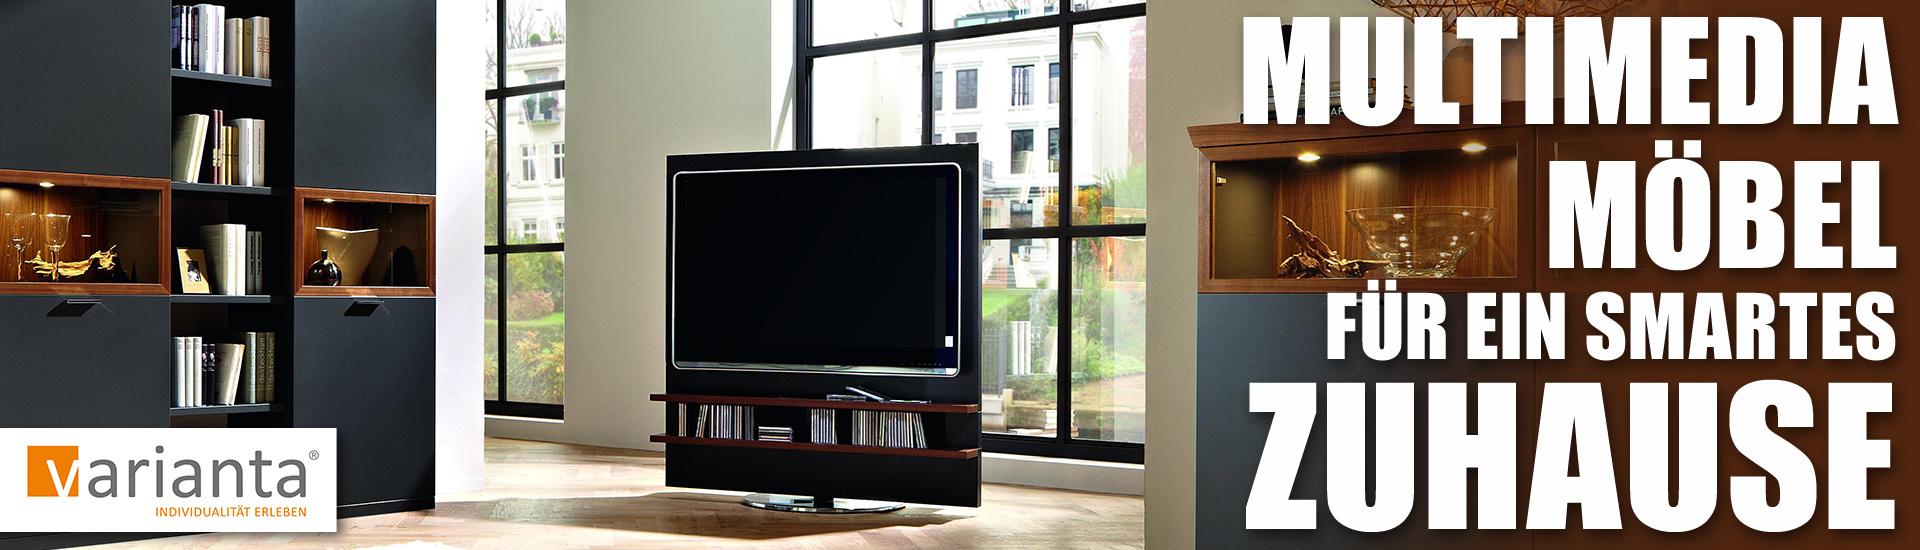 Multimedia-Möbel für ein smartes Zuhause | Möbel Schulze